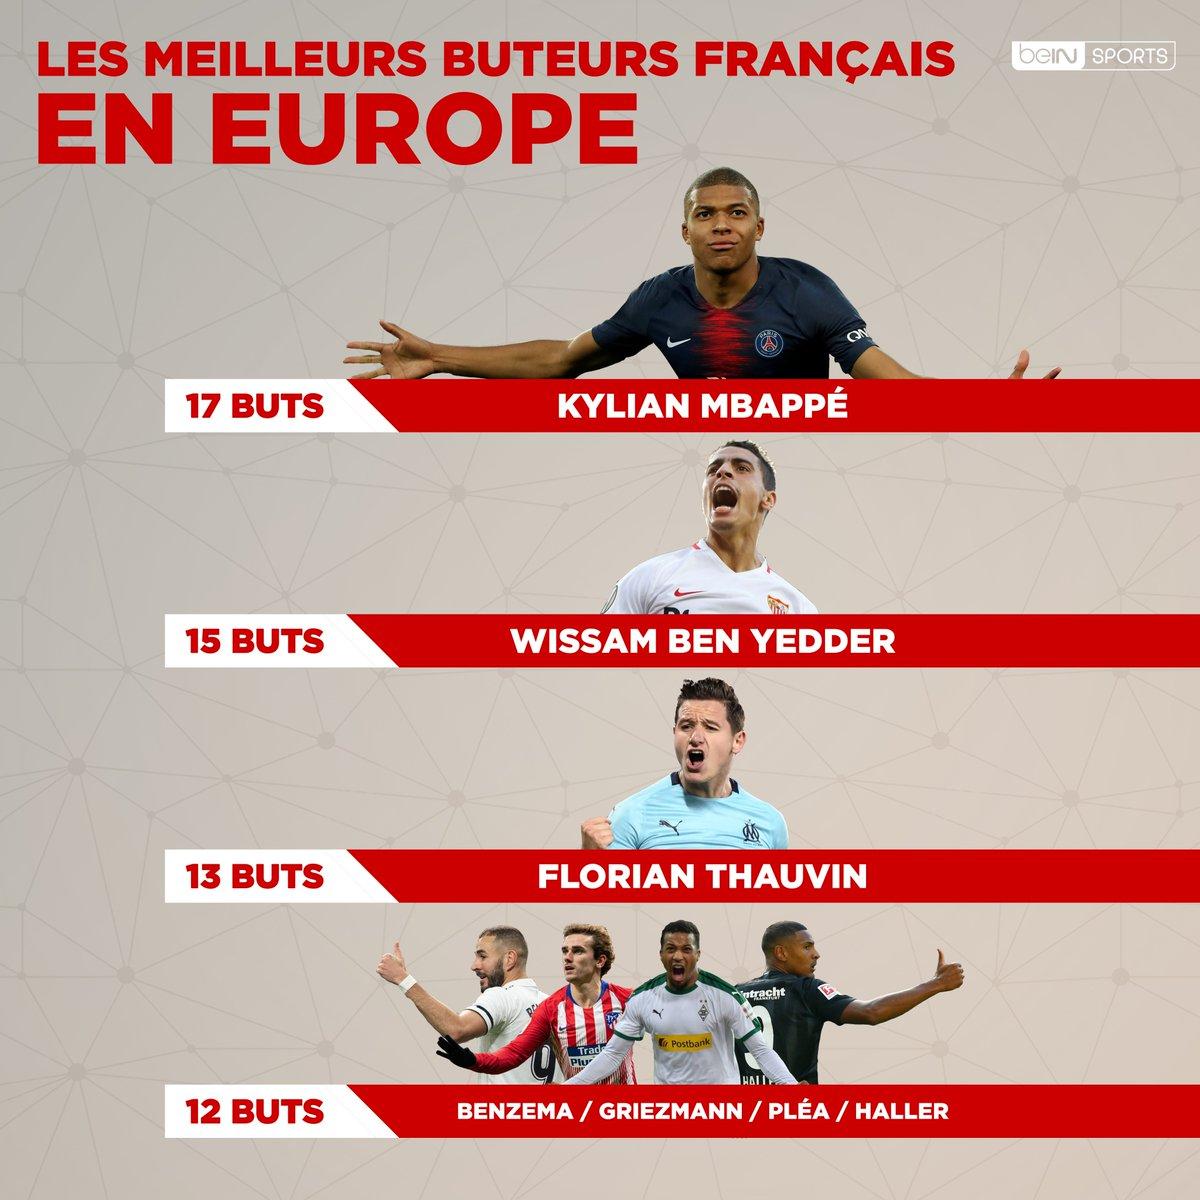 📊⚽️ Les meilleurs buteurs français en Europe 👍